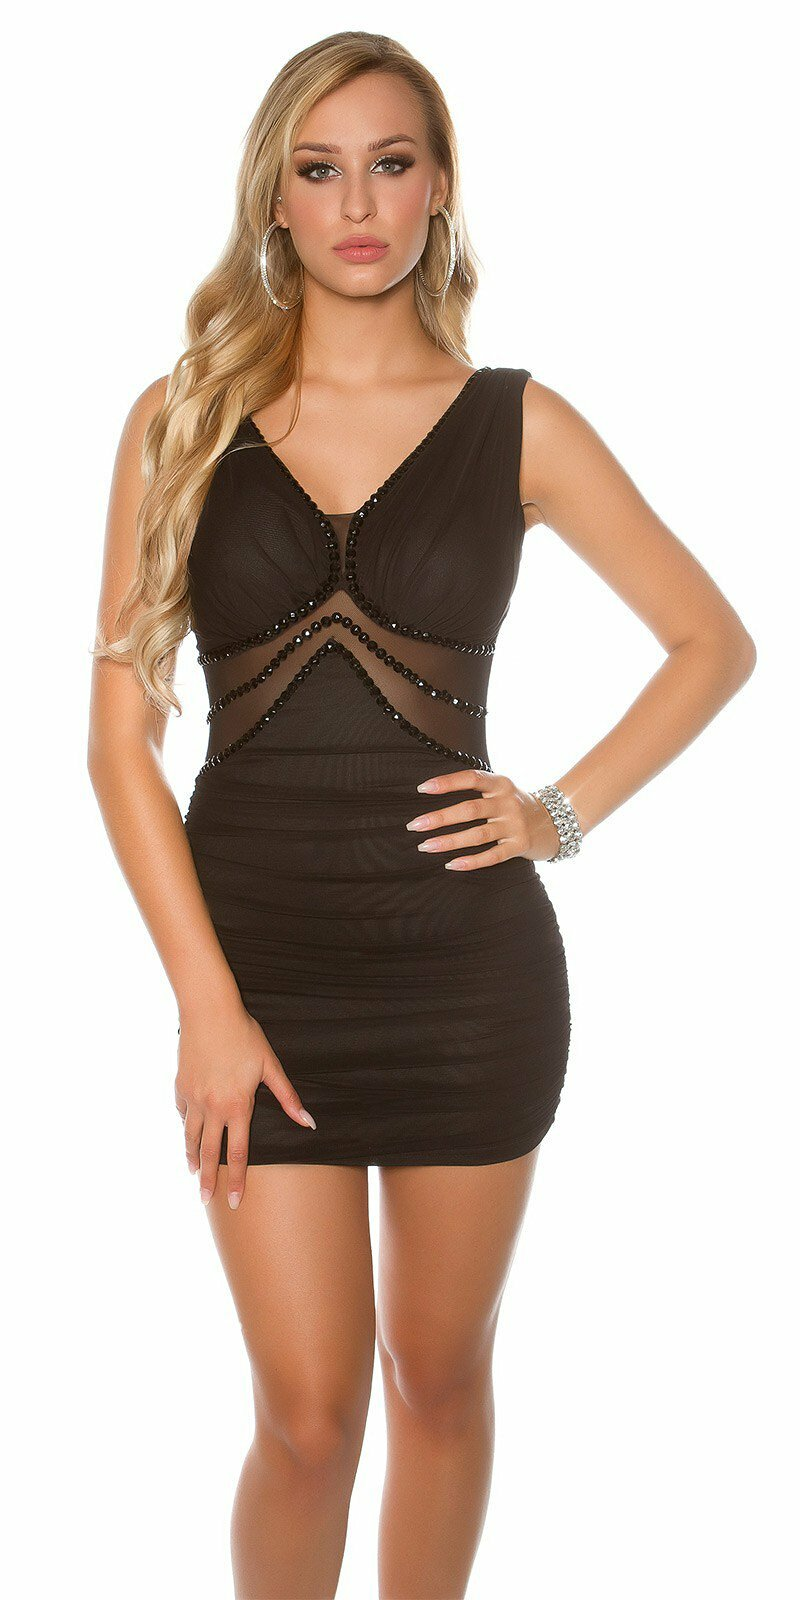 59d079ea4645 Čierne mini šaty KouCla  Veľkosť Univerzálna (XS S M) Farba Čierna